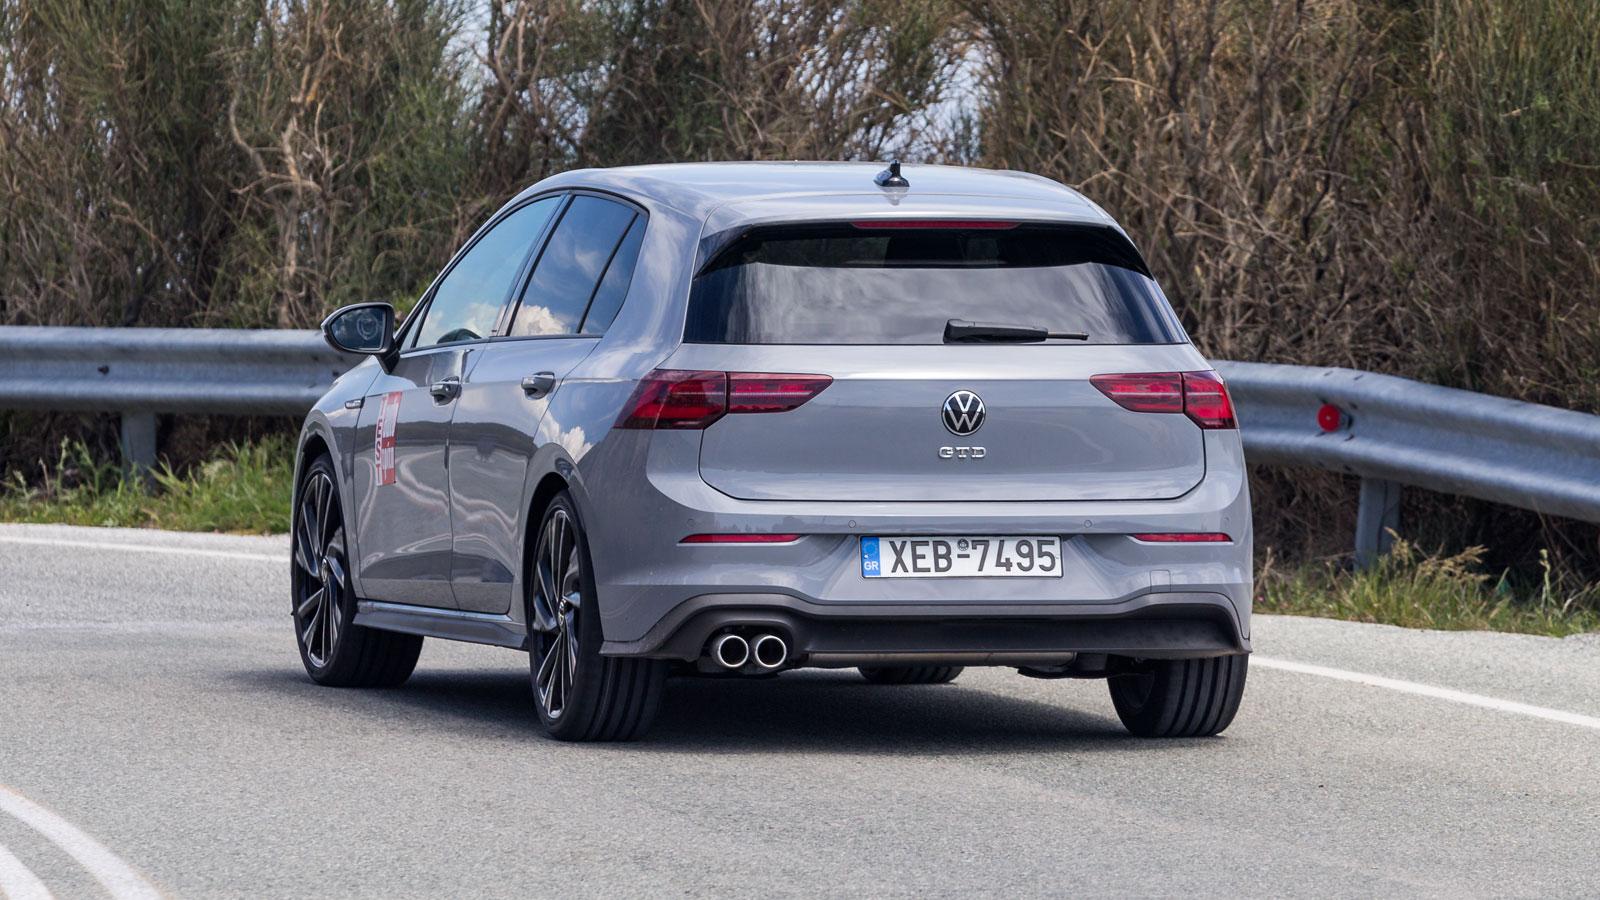 Ο 2λιτρος TDI κινητήρας των 200 ίππων, του VW Golf, προσφέρει πολύ καλές επιδόσεις και χαμηλή κατανάλωση. Tαυτόχρονα, η σύνθεση διπλού πυριτίου της γόμας των ελαστικών εξασφαλίζει top ελκτική πρόσφυση.